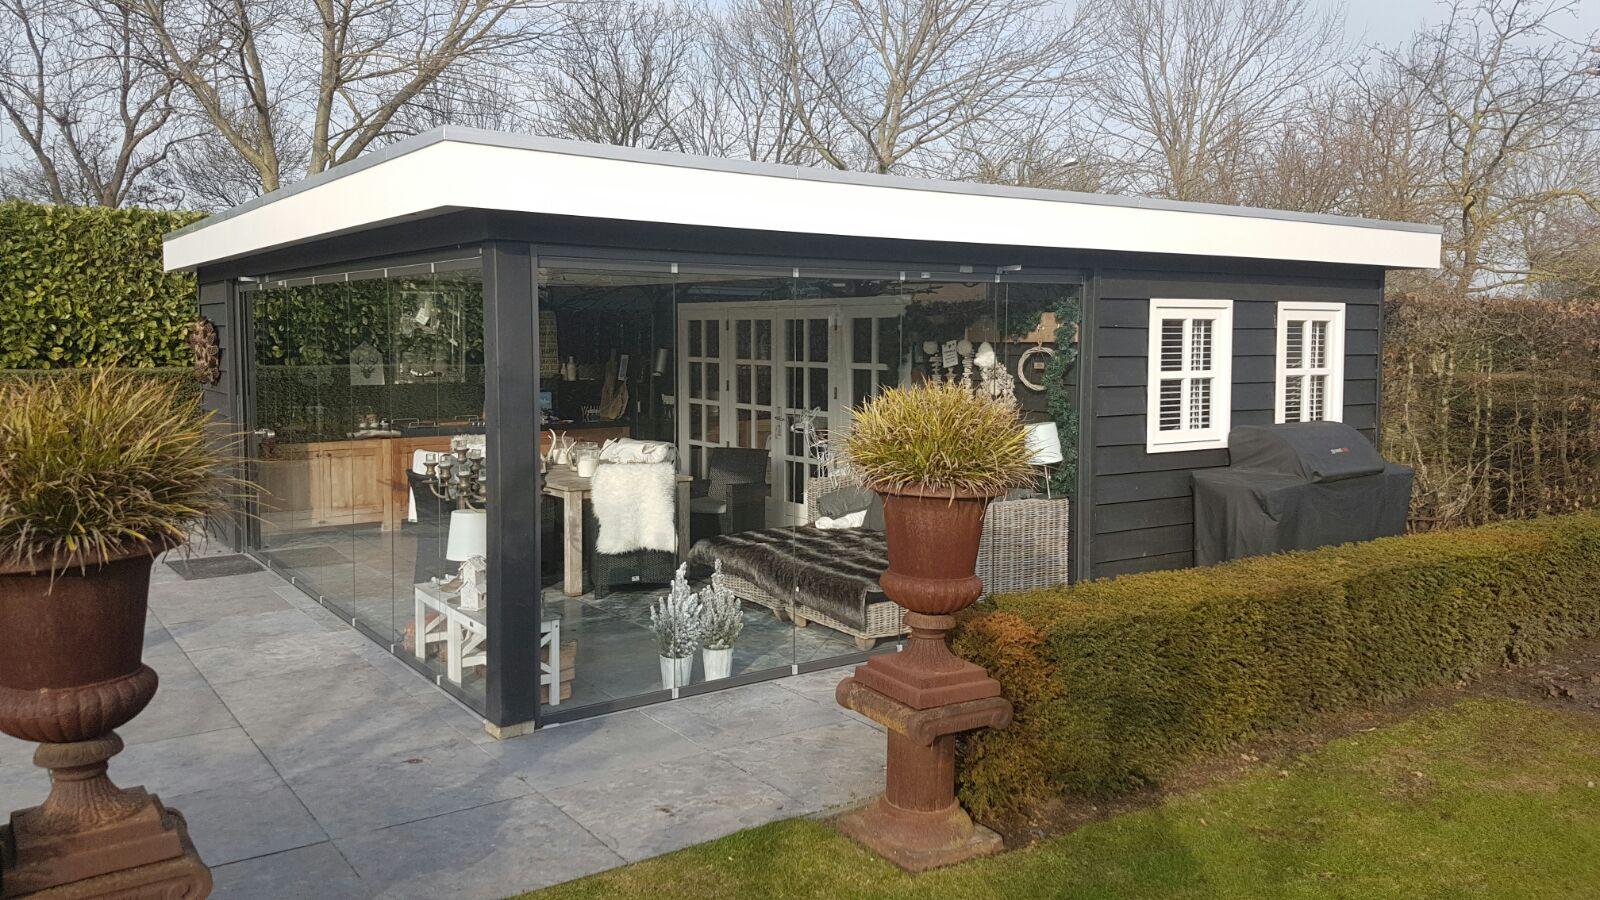 Tuinhuis met veranda met glazen pui #tuinhuizen #veranda #tuin #tuininspiratie #tuinhuis